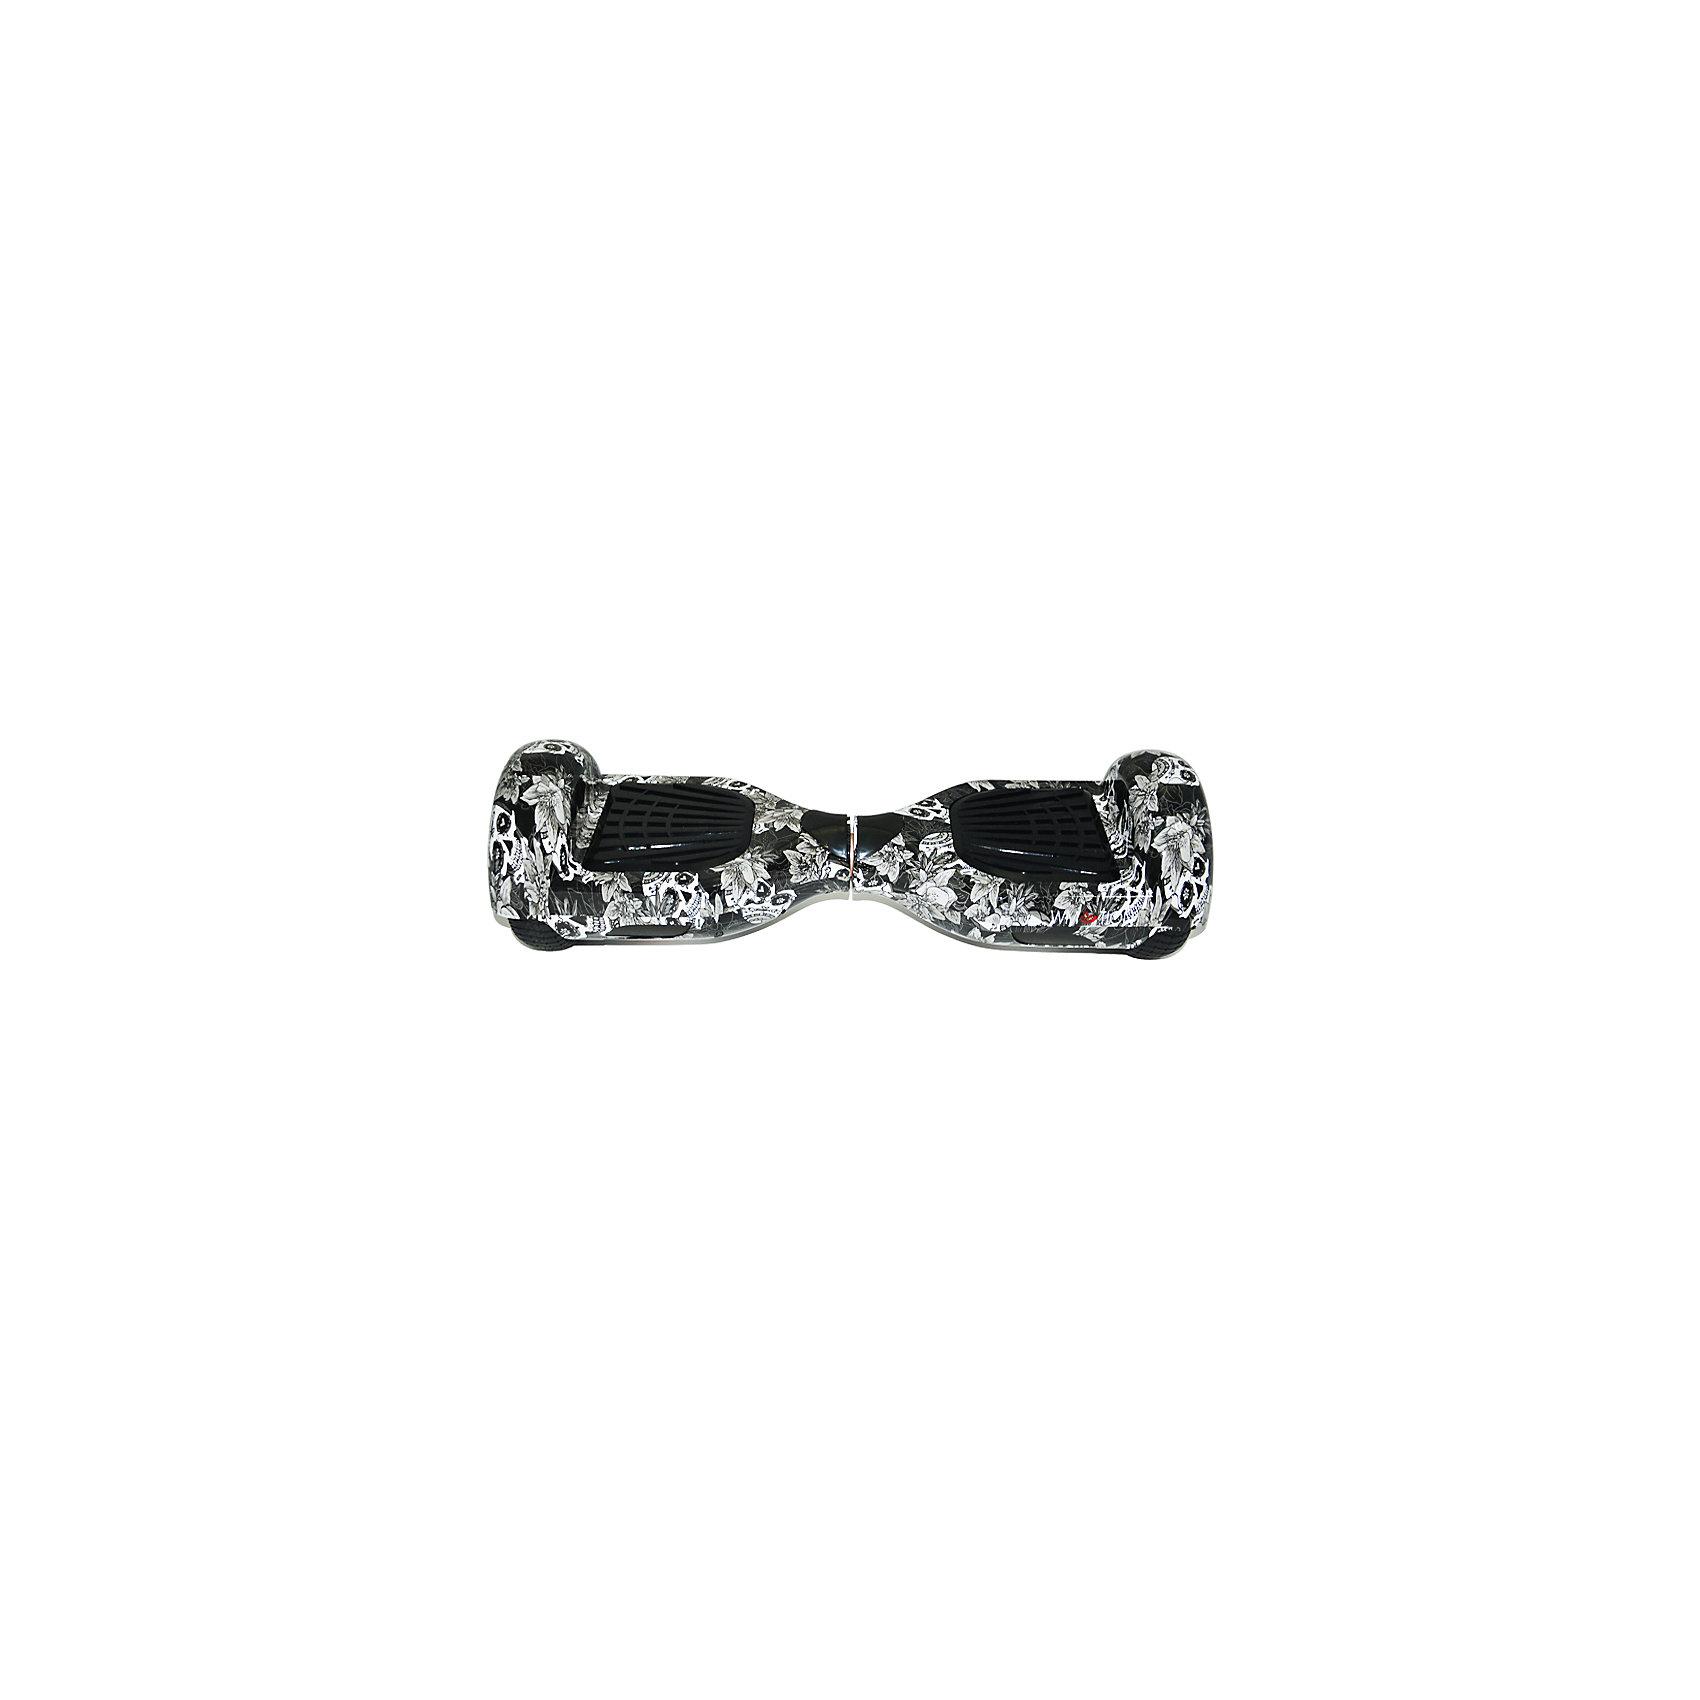 Гироскутер, черный череп, WMOTIONГироскутеры<br>Характеристики товара:<br><br>• материал: пластик, металл<br>• размер: 16х58х17 см<br>• комплектация: гироскутер, зарядка, сумка, инструкция по эксплуатации, гарантийный талон, коробка<br>• цвет: черный, белый<br>• диаметр колёс: 6,5 дюймов<br>• максимальная нагрузка: 100 кг<br>• максимальная скорость – 10 км/ч <br>• максимальное расстояние, которое можно проехать на одном заряде: 20 км <br>• мощность электродвигателя: 0.35 кВт<br>• ёмкость аккумулятора: 4 400 мАч<br>• время, необходимое для полной зарядки аккумулятора: 90 мин<br>• стильный дизайн<br>• вес: 10 кг<br>• страна производитель: Китай<br>• страна бренда: Китай<br><br>Один из самых модных на настоящий моментов вид передвижения - это гироскутер. Он эффектно выглядит, позволяет ехать со скоростью выше, чем у пешеходов, но при этом достаточно безопасной для владельца. Управлять таким средством передвижения достаточно просто: нужно всего лишь переносить вес тела в определенное направление.<br><br>Такой гироскутер достаточно быстро заряжается, он не много весит. Модель уже пользуется популярностью в западных странах. Она действительно стильно выглядит, особенно в темноте с подсветкой, и позволяет выполнять эффектные трюки!<br><br>Гироскутер, черный череп, от популярного бренда WMOTION можно купить в нашем интернет-магазине.<br><br>Ширина мм: 170<br>Глубина мм: 170<br>Высота мм: 580<br>Вес г: 10000<br>Возраст от месяцев: 60<br>Возраст до месяцев: 192<br>Пол: Унисекс<br>Возраст: Детский<br>SKU: 5482382